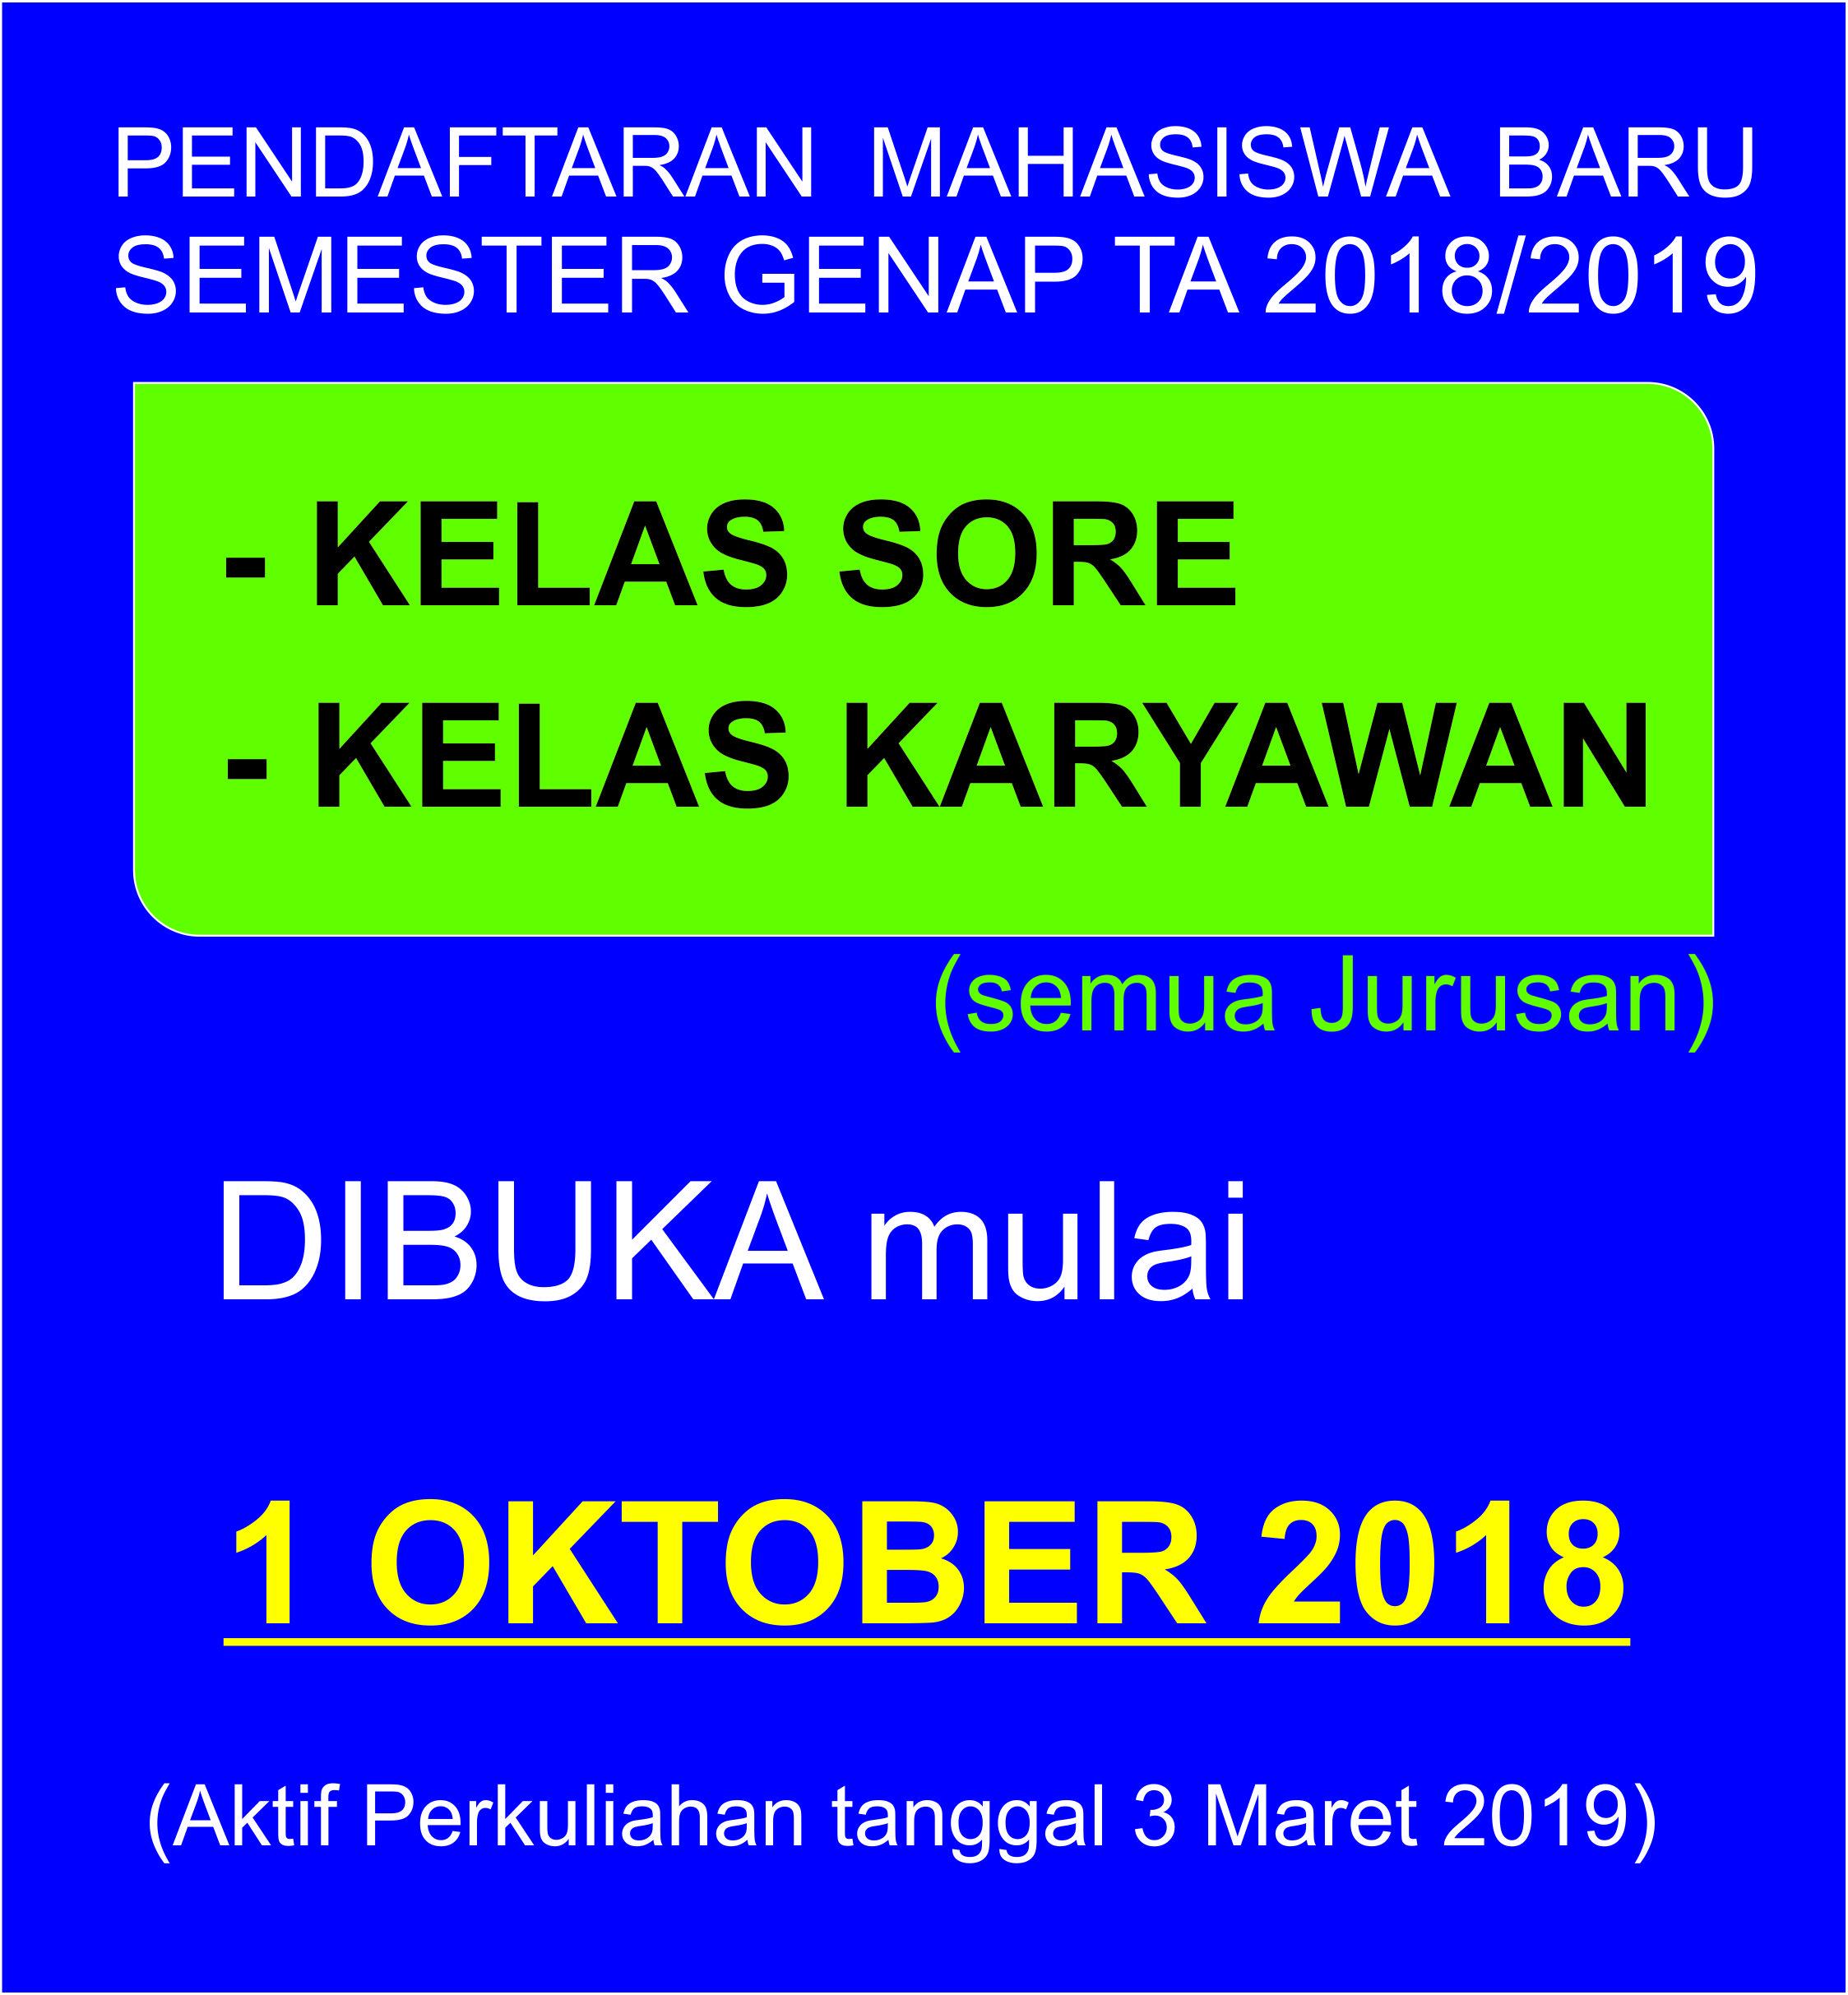 Pembukaan Pendaftaran Mahasiswa Baru Semester Genap 2018/2019